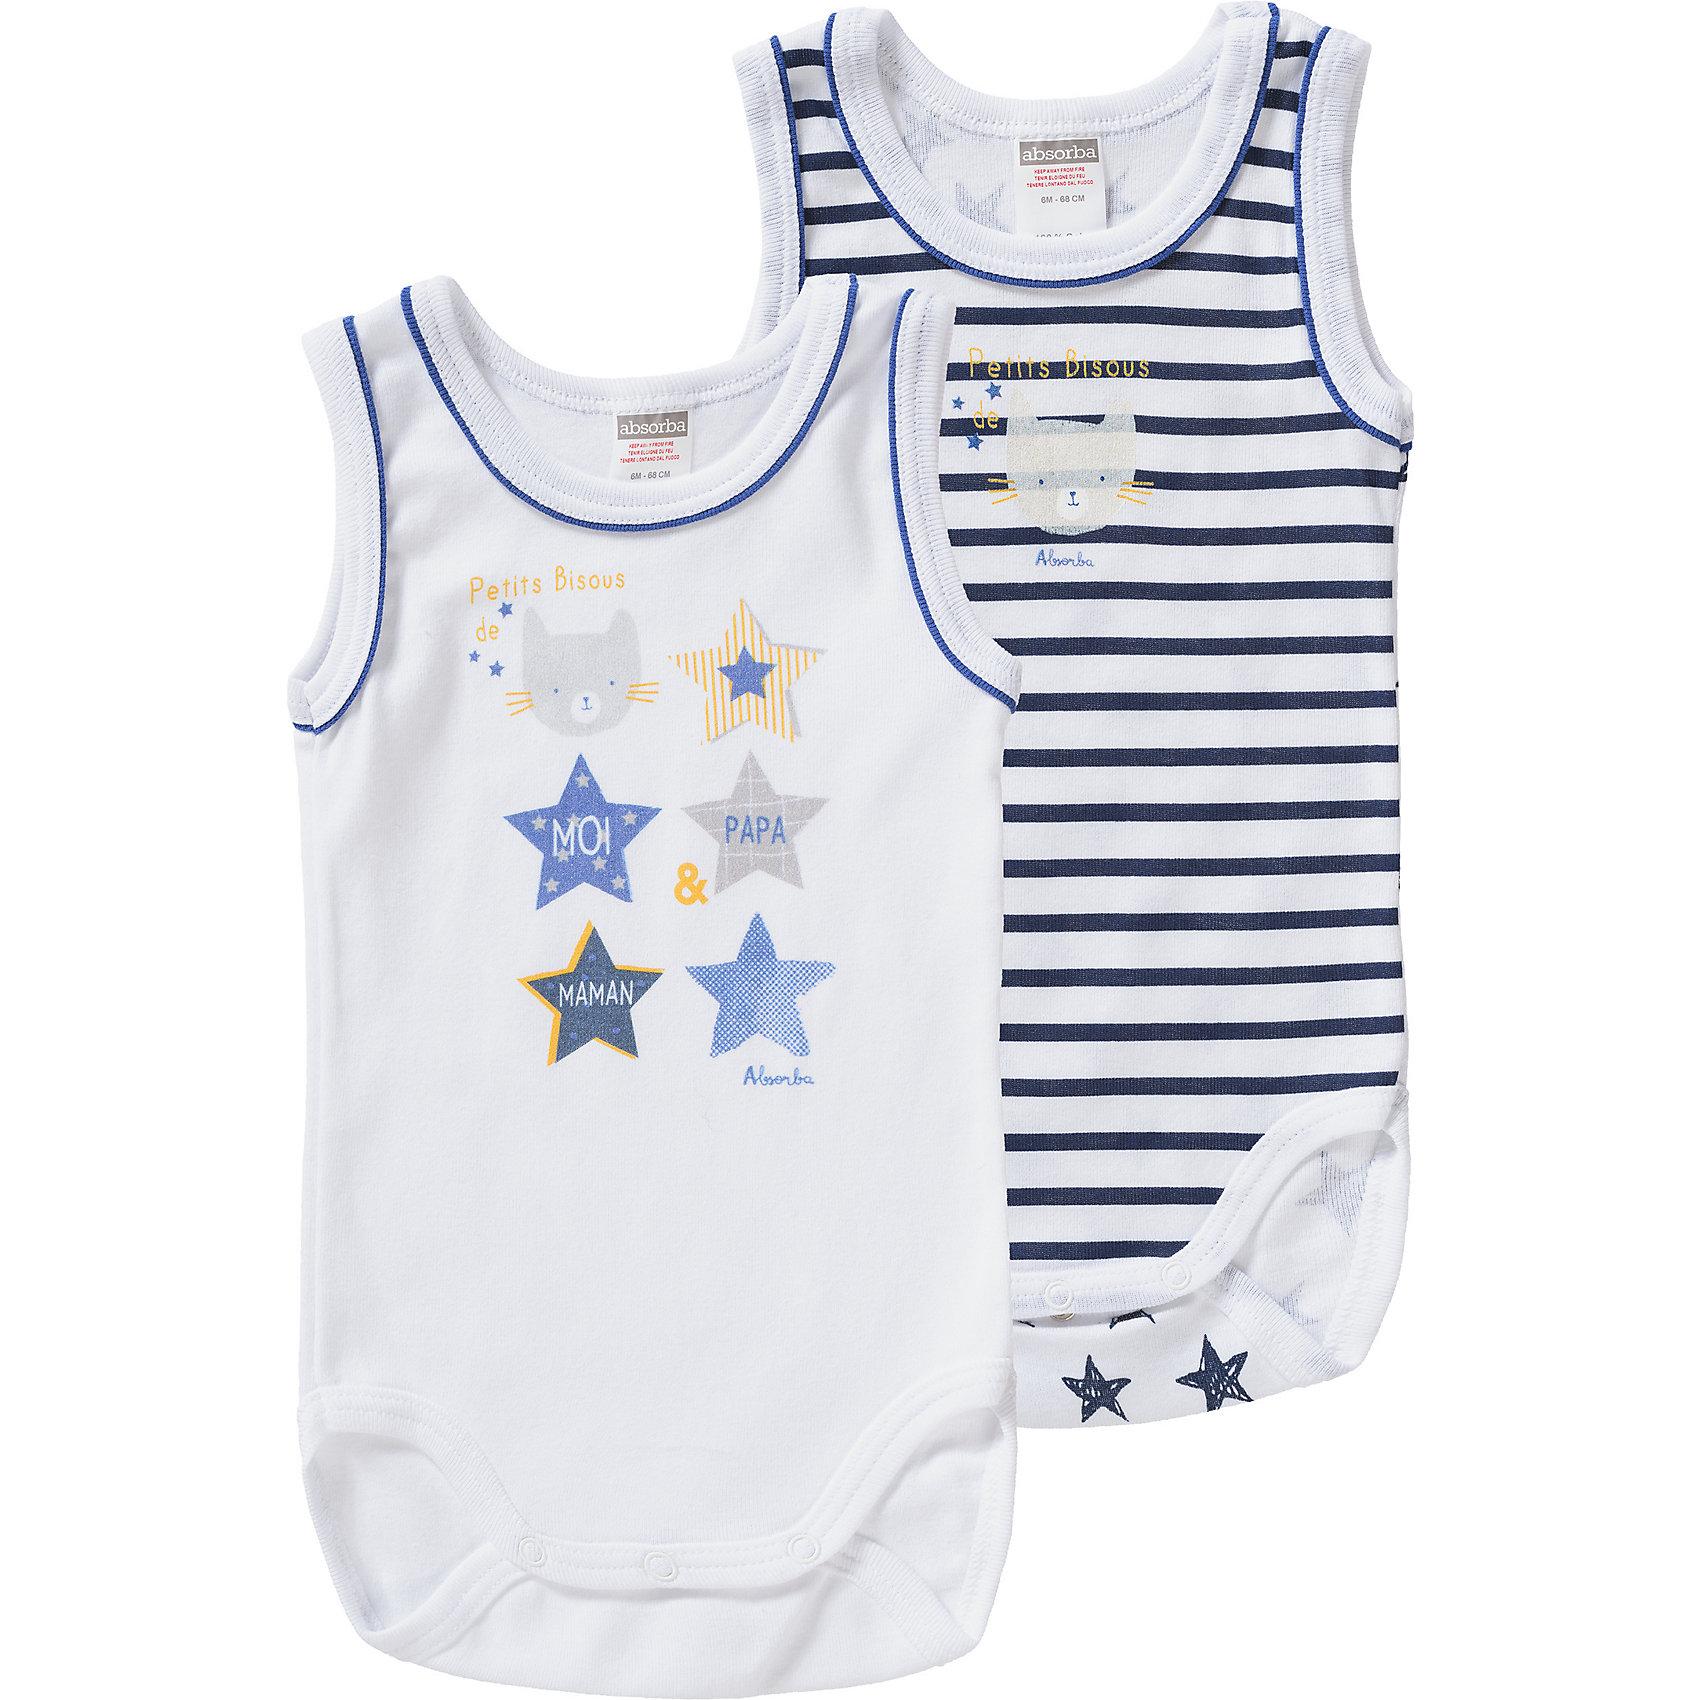 Neu Absorba Bodys Doppelpack für Jungen 7433971 für Jungen dunkelblau